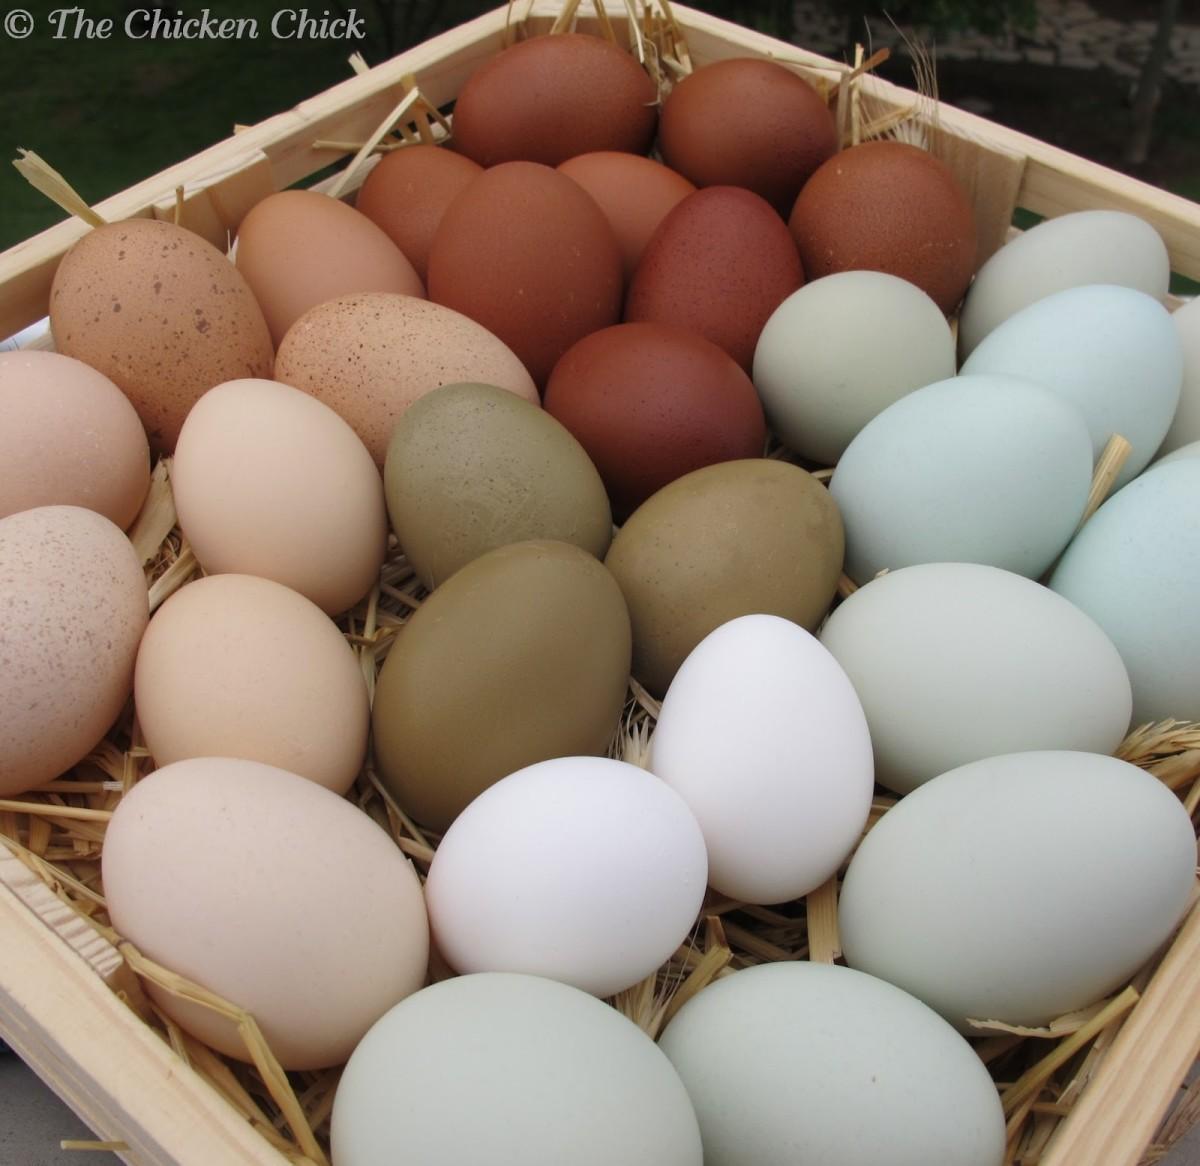 A veritable rainbow of eggs!